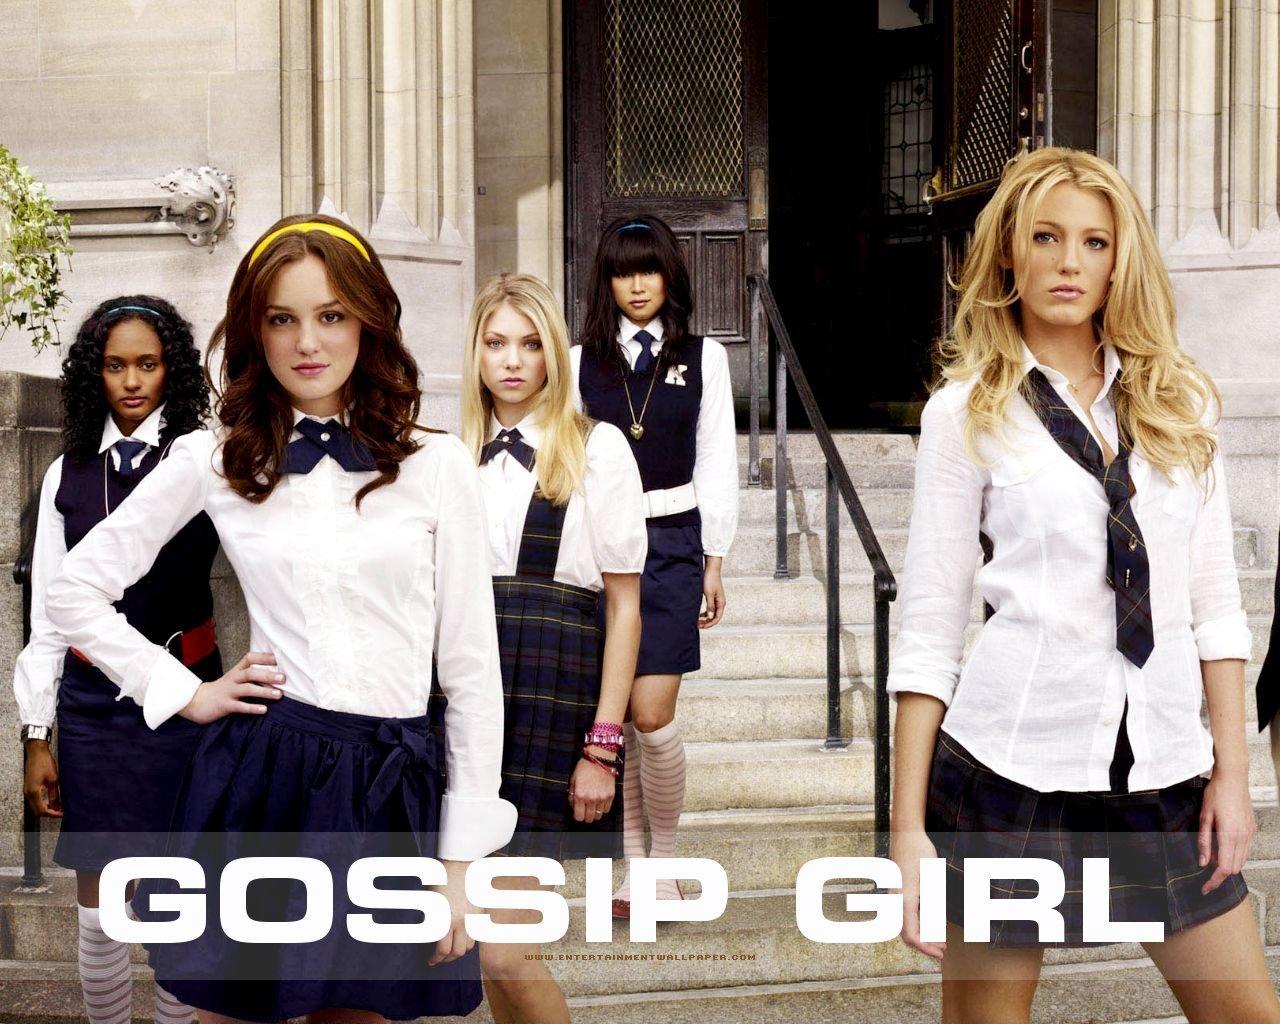 http://3.bp.blogspot.com/-I4DItTBglbA/T1Z_8d2ZnWI/AAAAAAAAARk/av9NHMIik5g/s1600/GG-wallpaper-gossip-girl-5359418-1280-1024.jpg